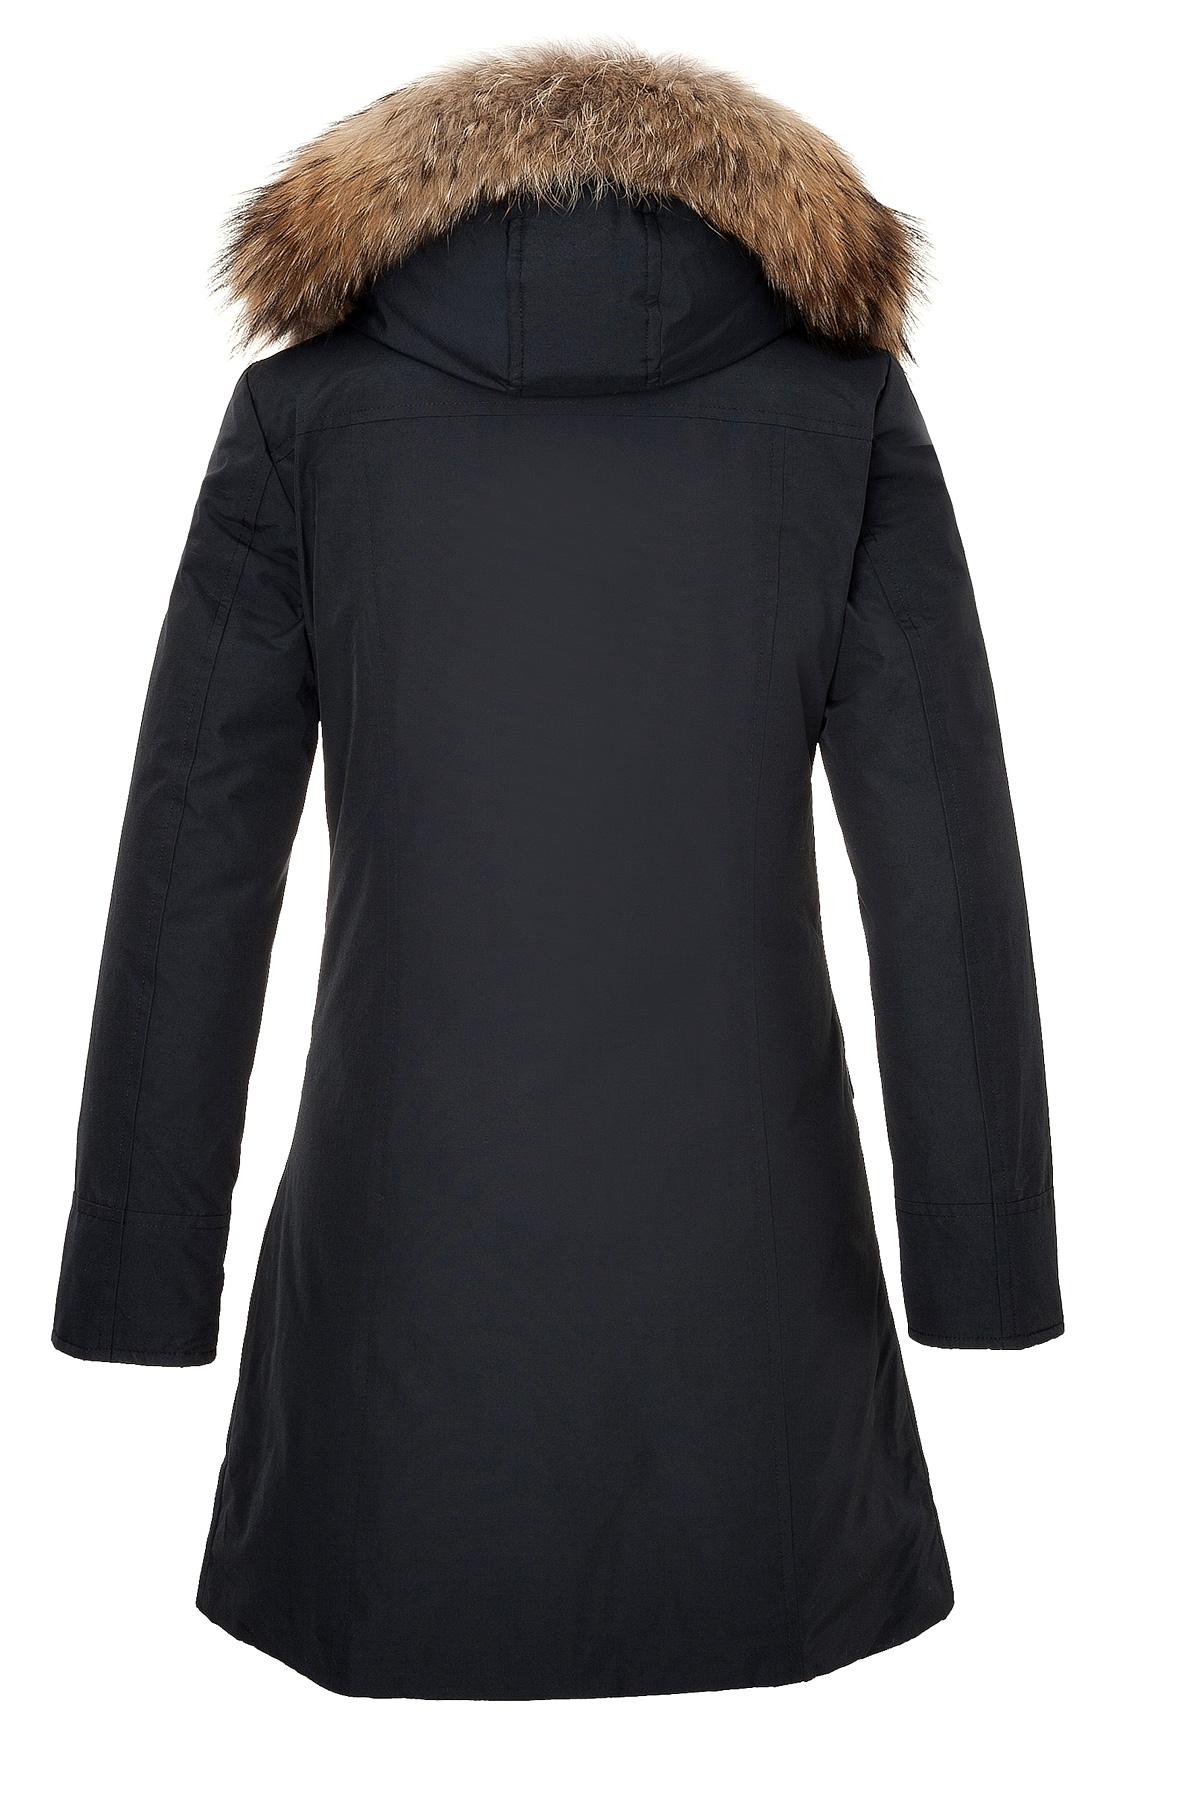 Woolrich womens coats